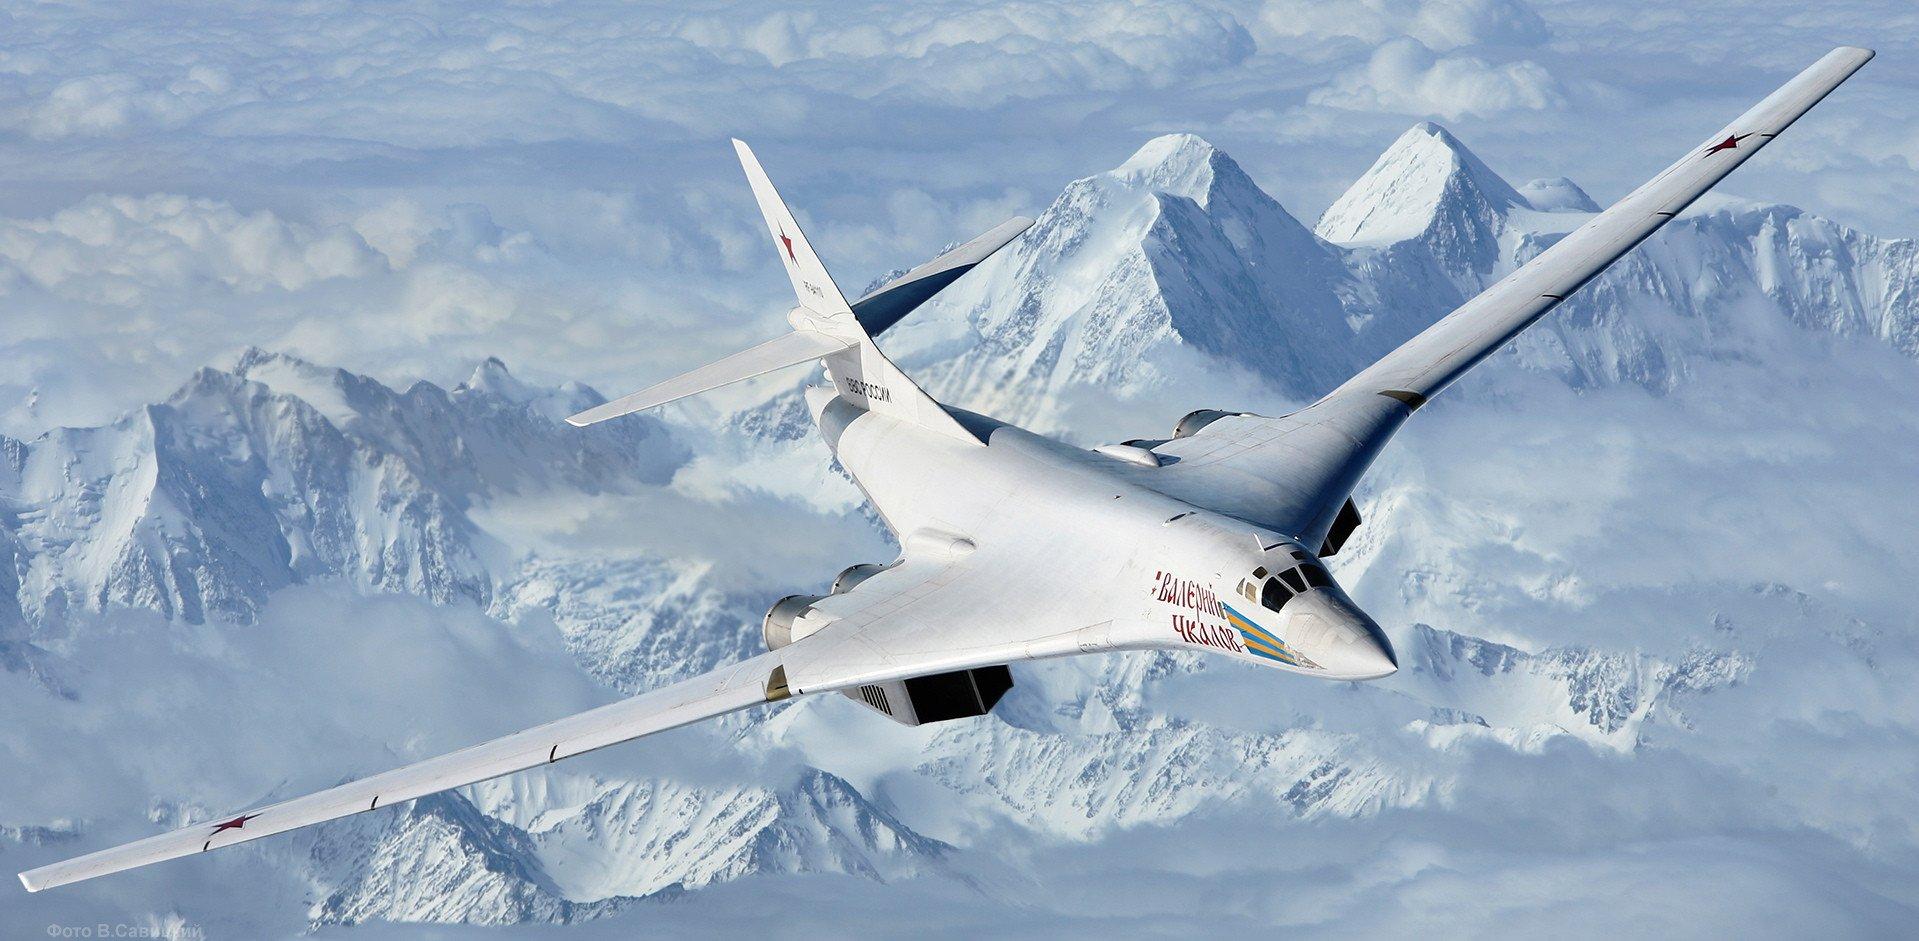 Tu 160 blackjack strategic bomber